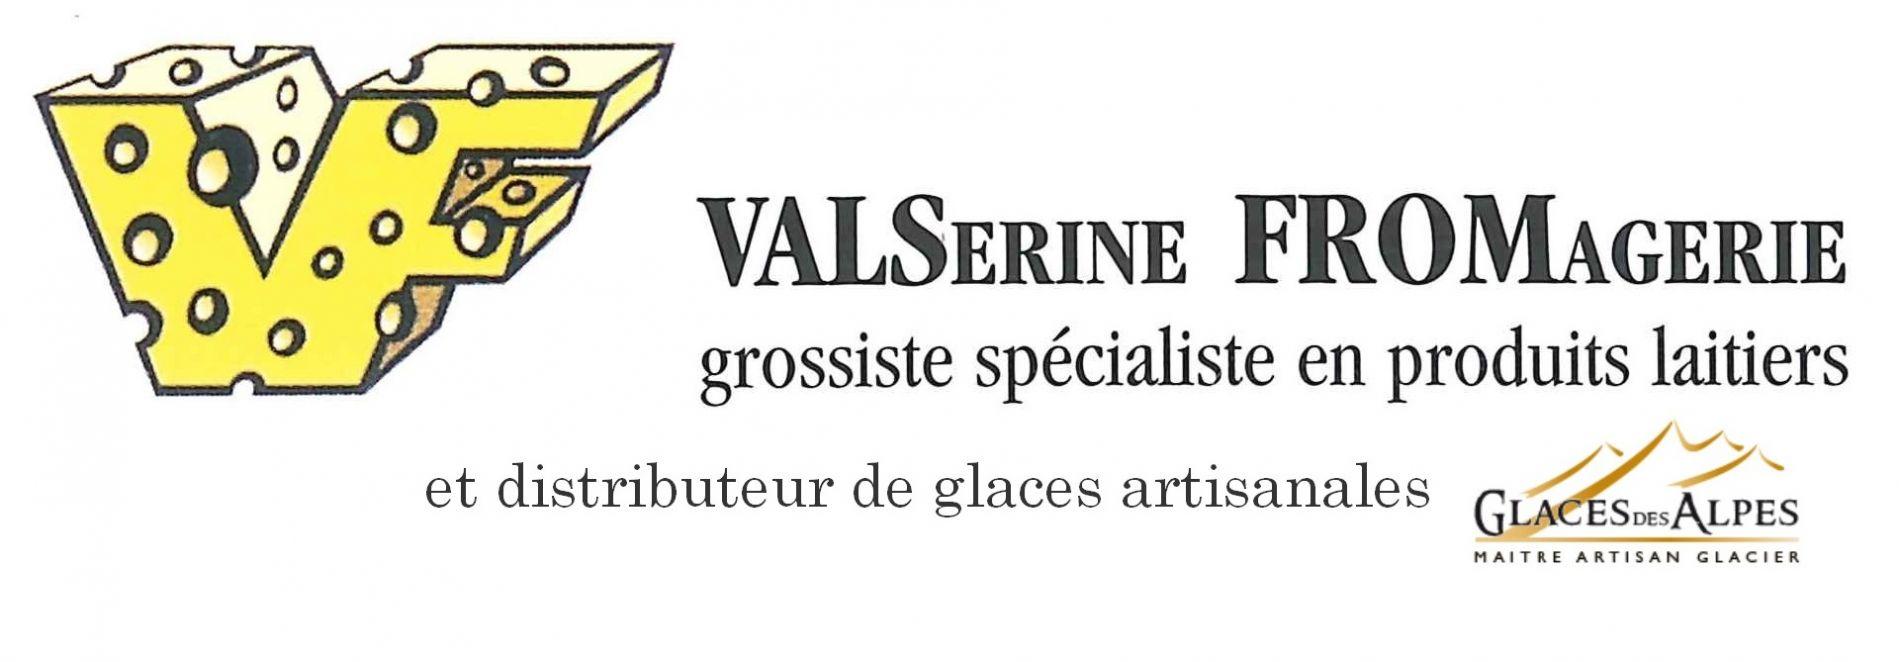 Valserine Fromagerie